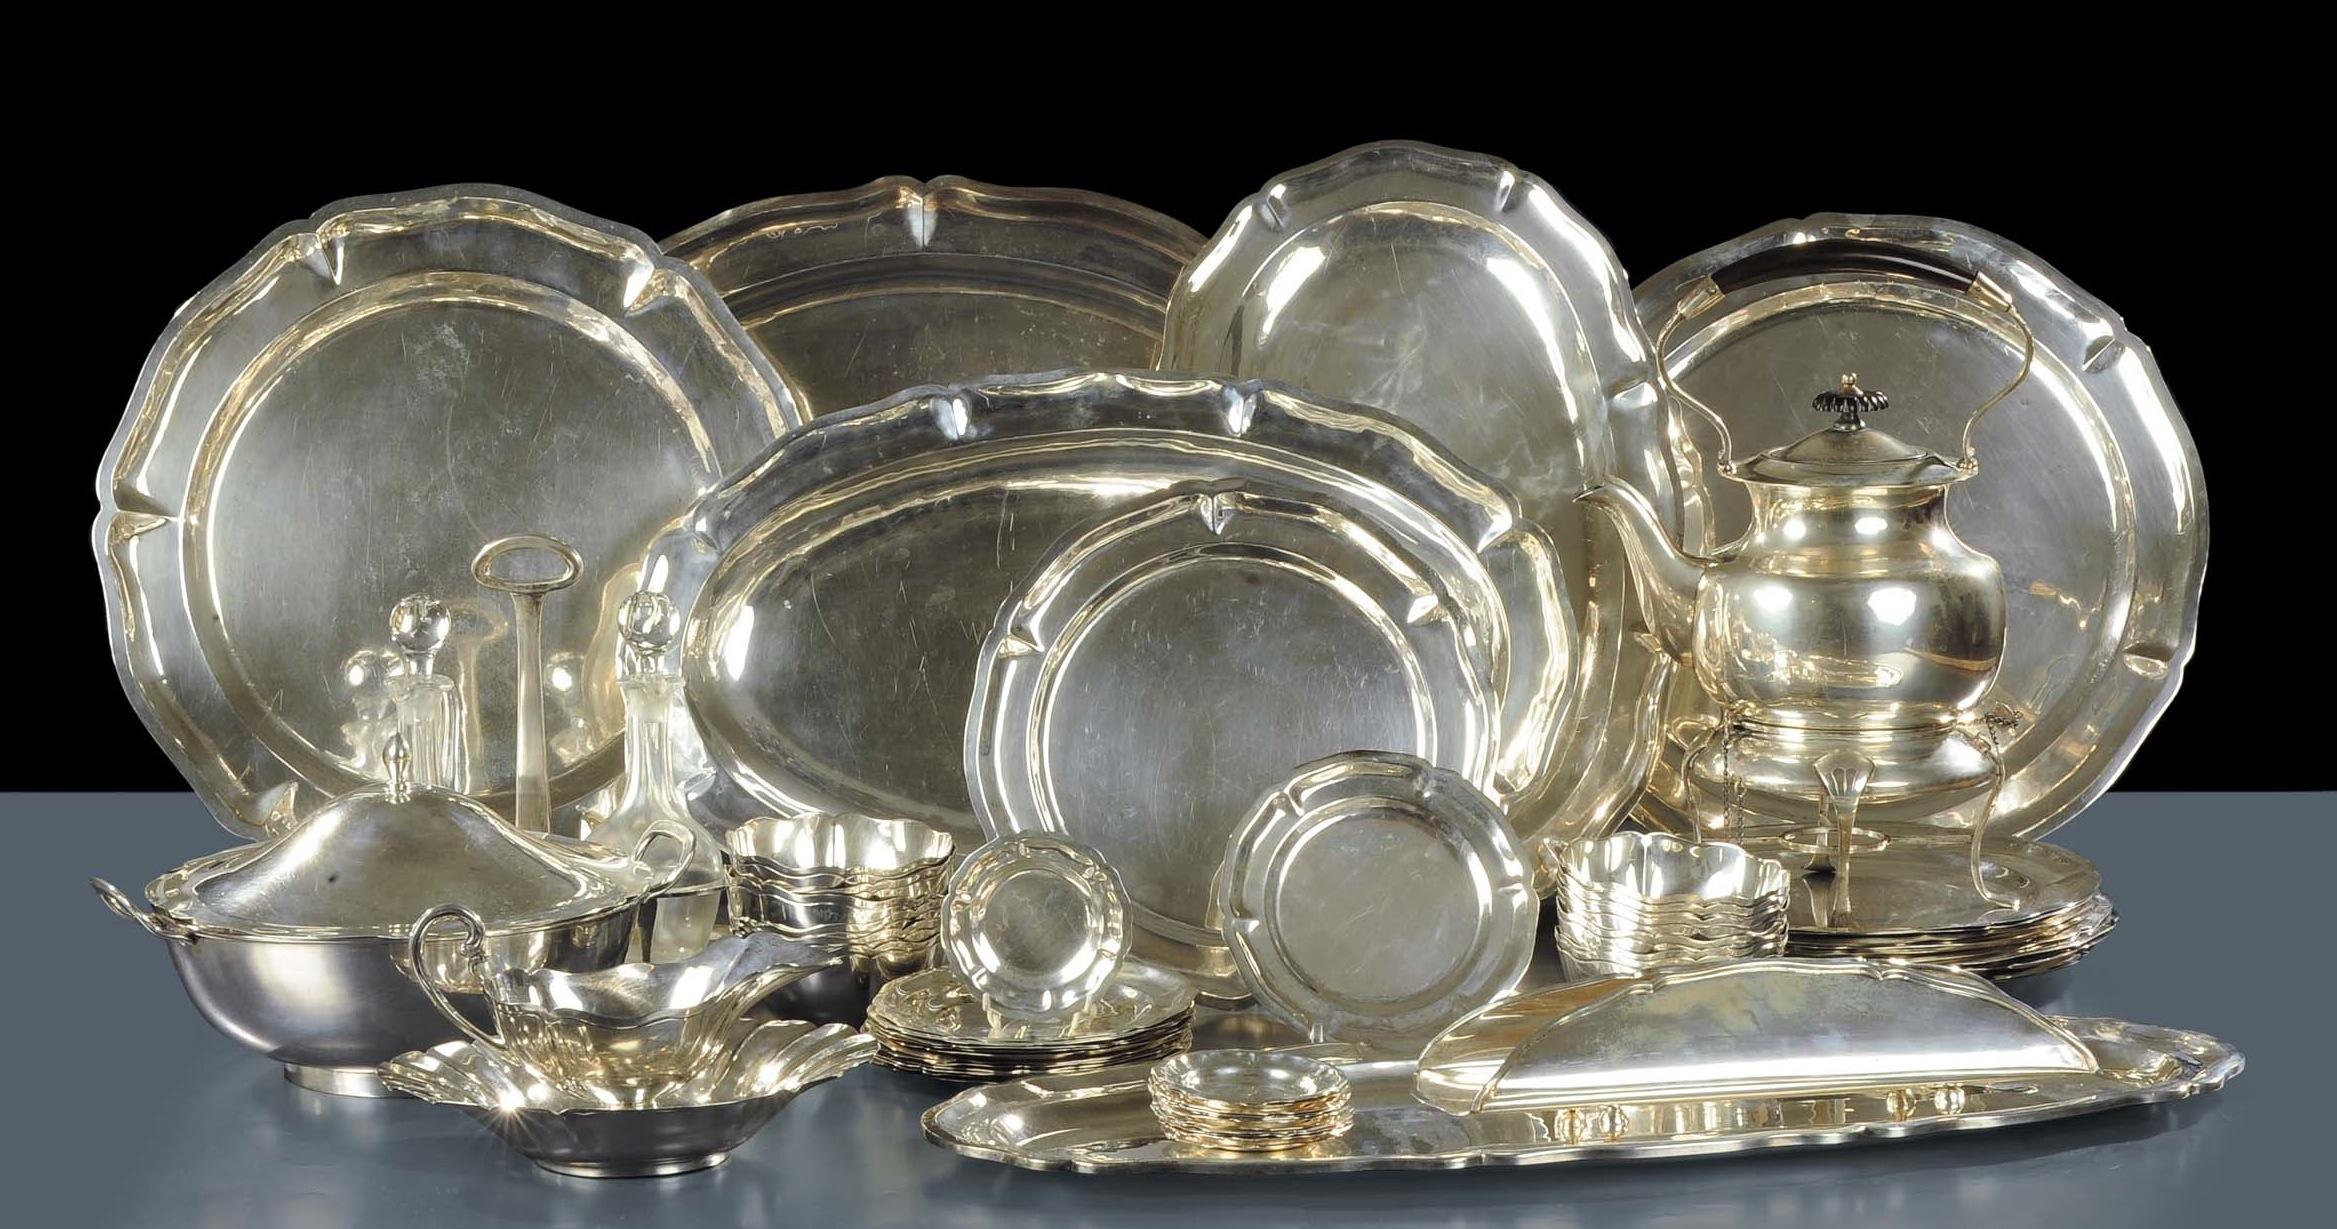 Posate Argento Come Pulirle argenteria usata: i consigli di mercatopoli fontanellato